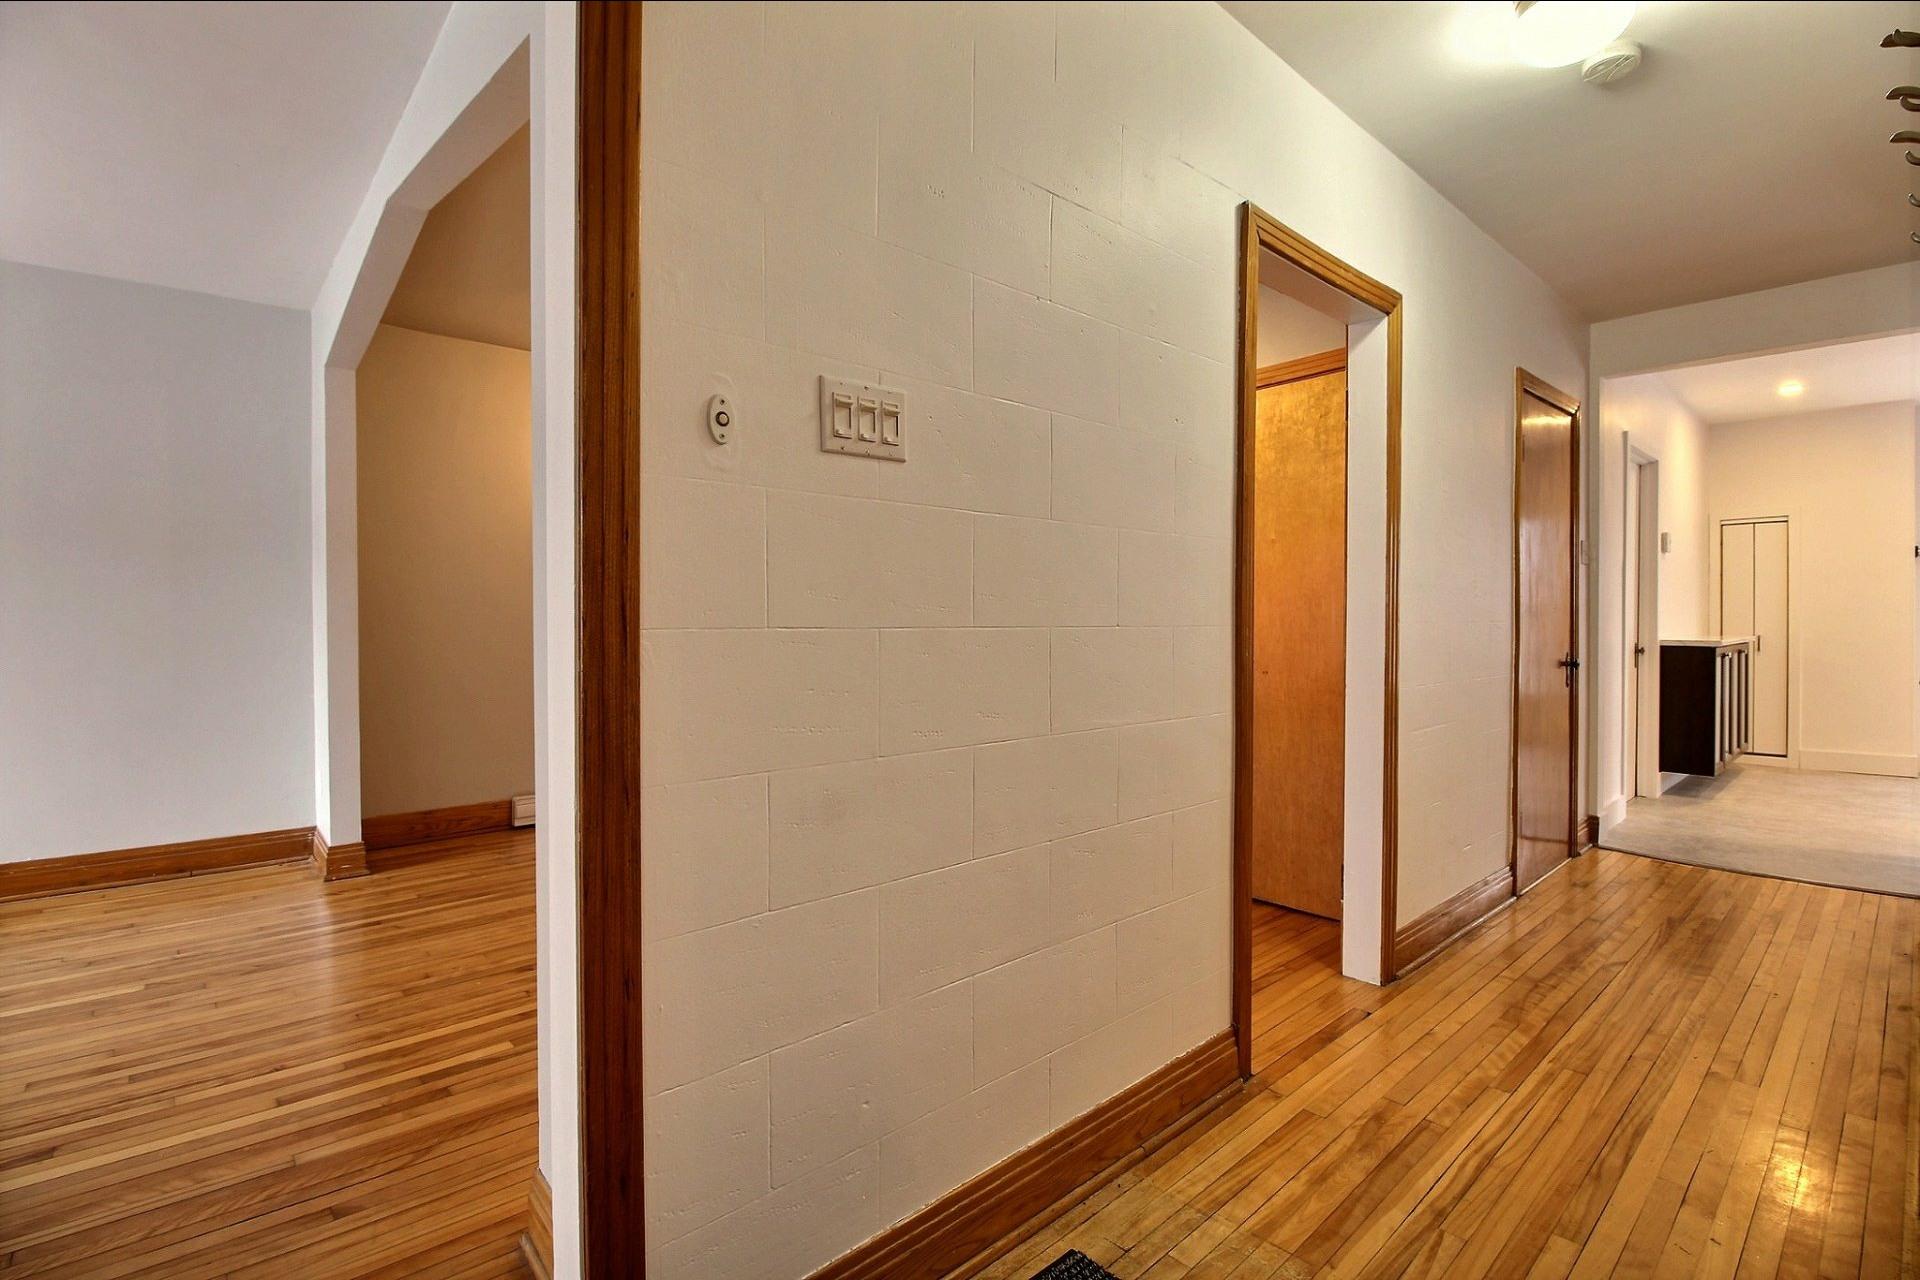 image 12 - Appartement À louer Ahuntsic-Cartierville Montréal  - 7 pièces